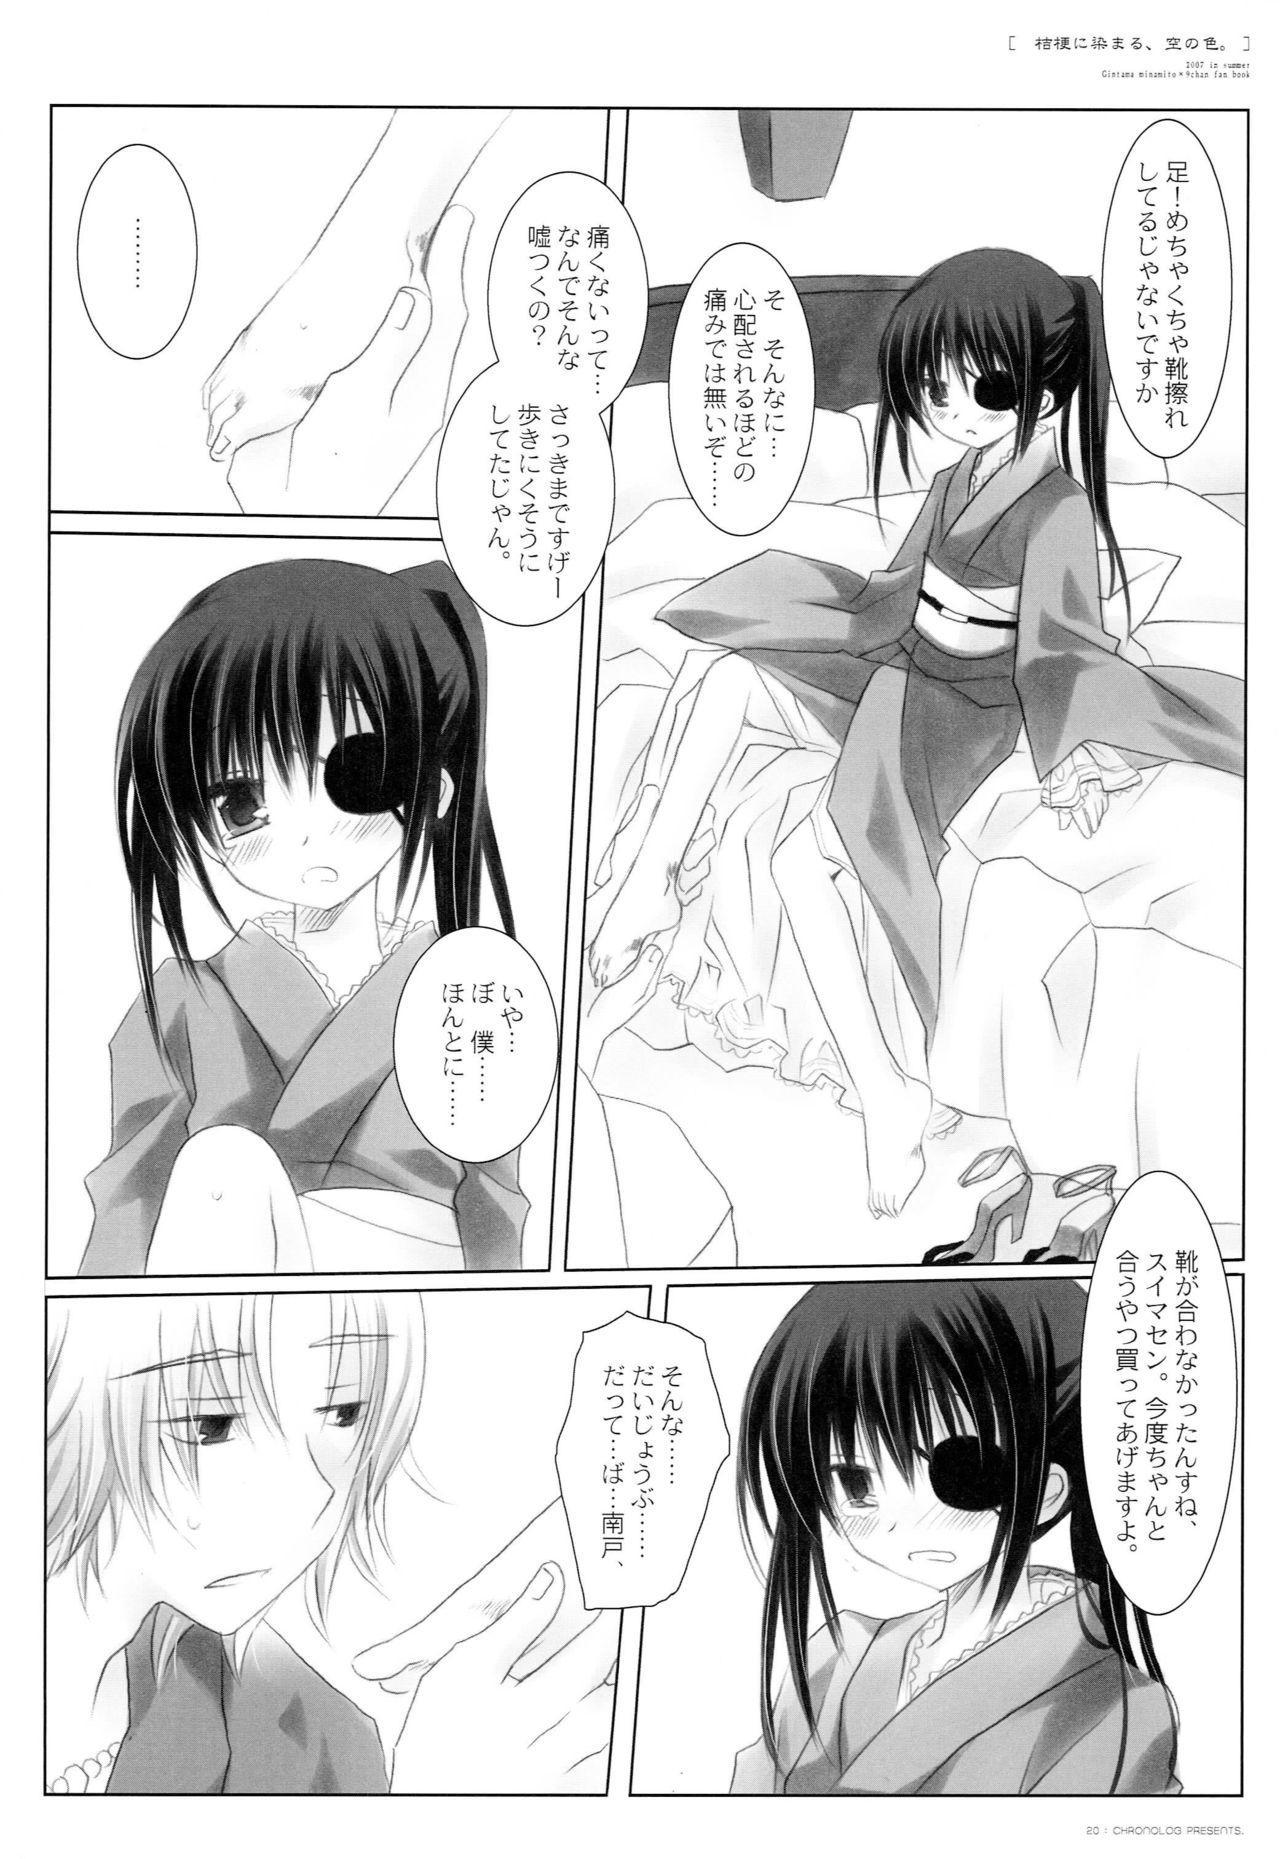 Kikyou ni Somaru Sora no Iro 18